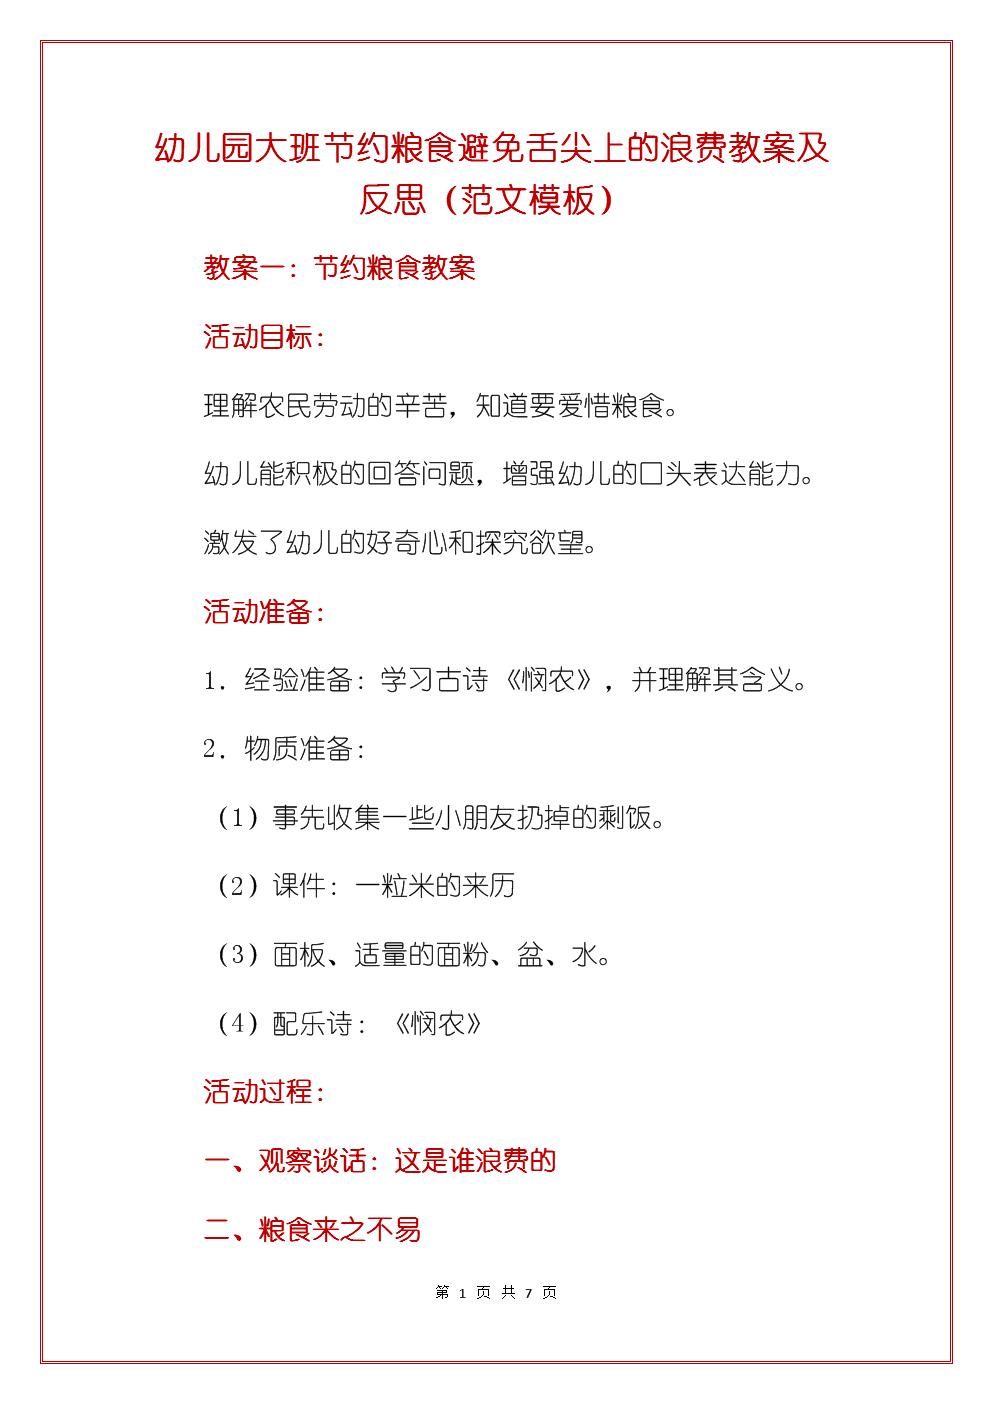 幼儿园大班节约粮食避免舌尖上的浪费教案及反思(范文模板).docx